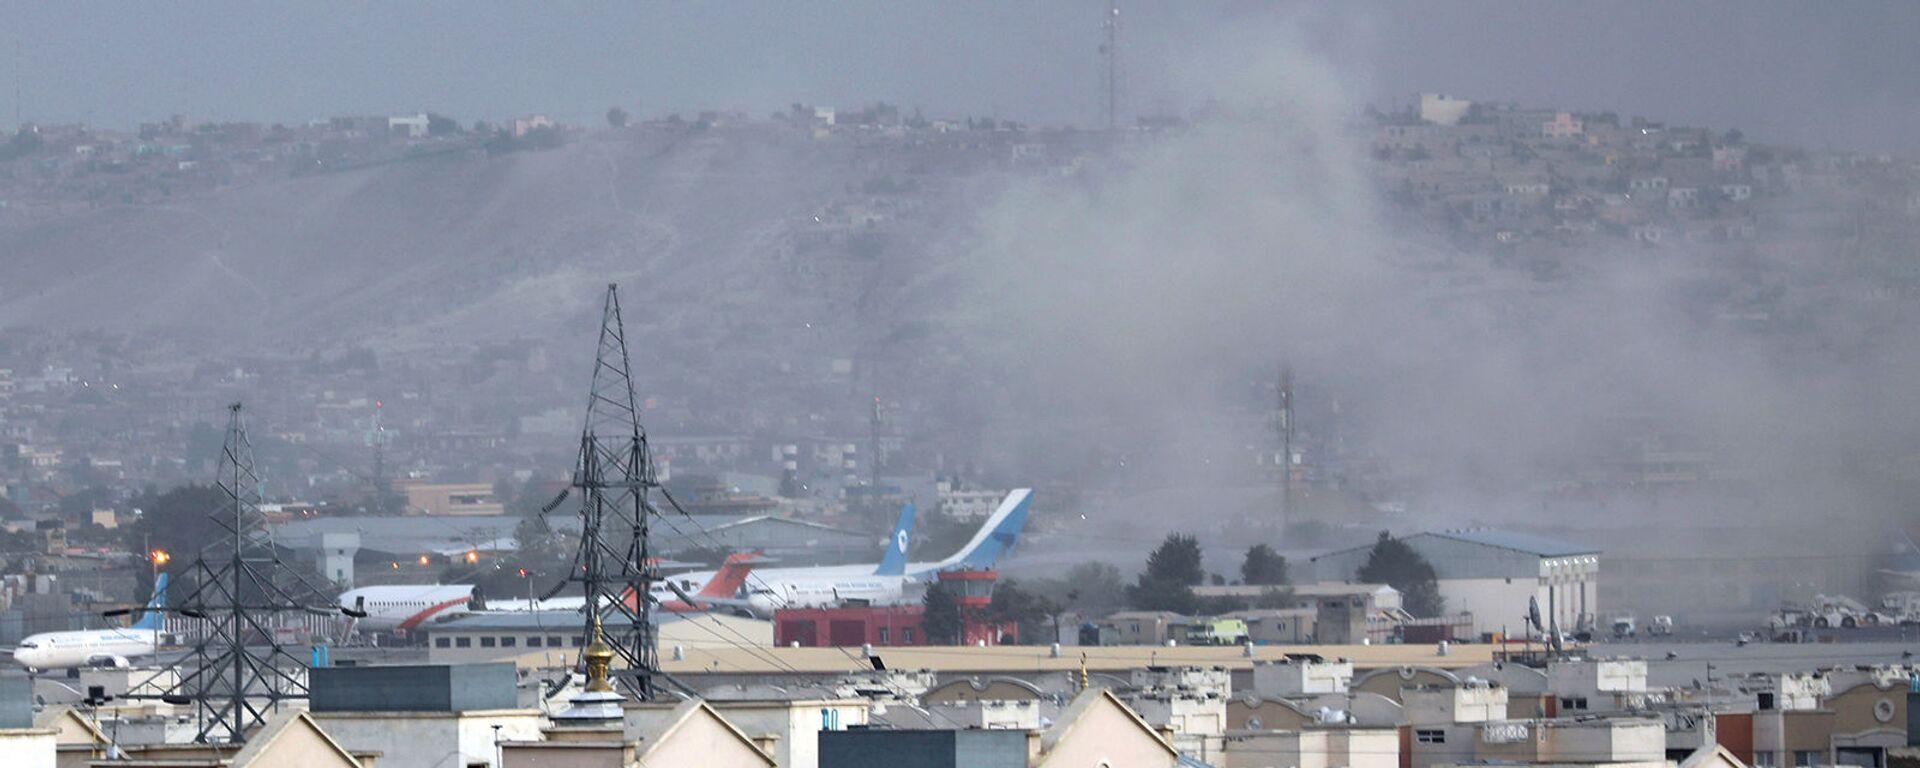 Дым от взрыва возле аэропорта в Кабуле (26 августа 2021). Афганистан - Sputnik Армения, 1920, 21.09.2021